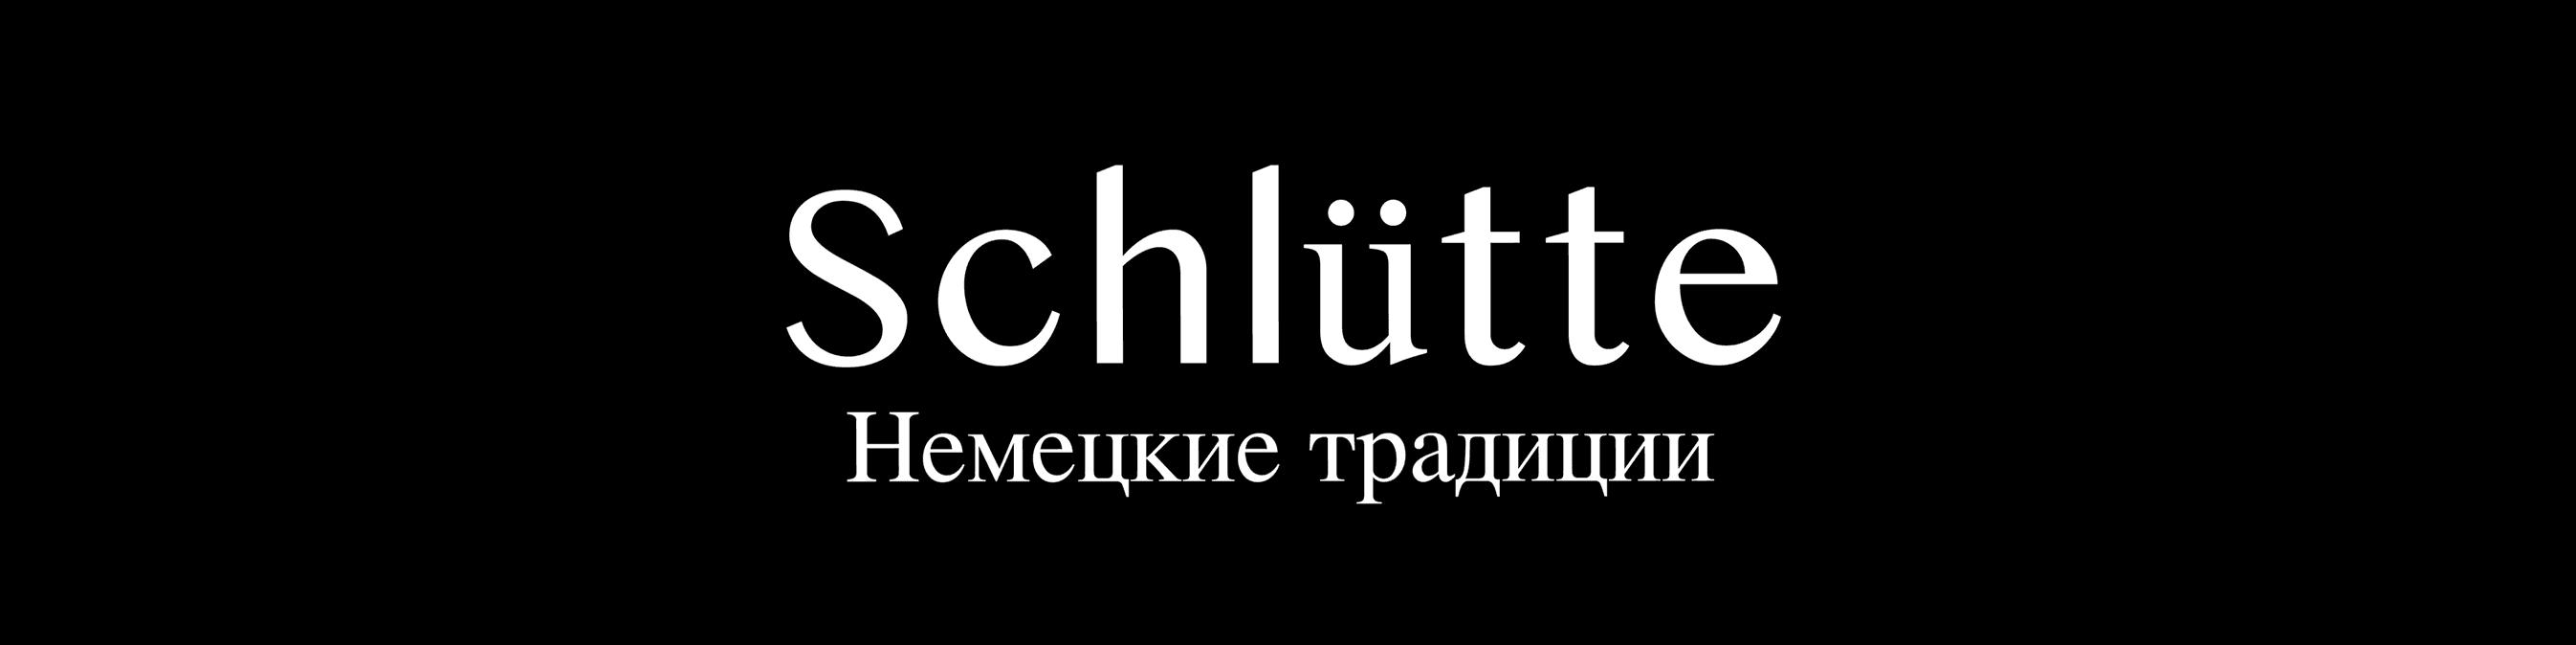 Logo Schlutte Hq